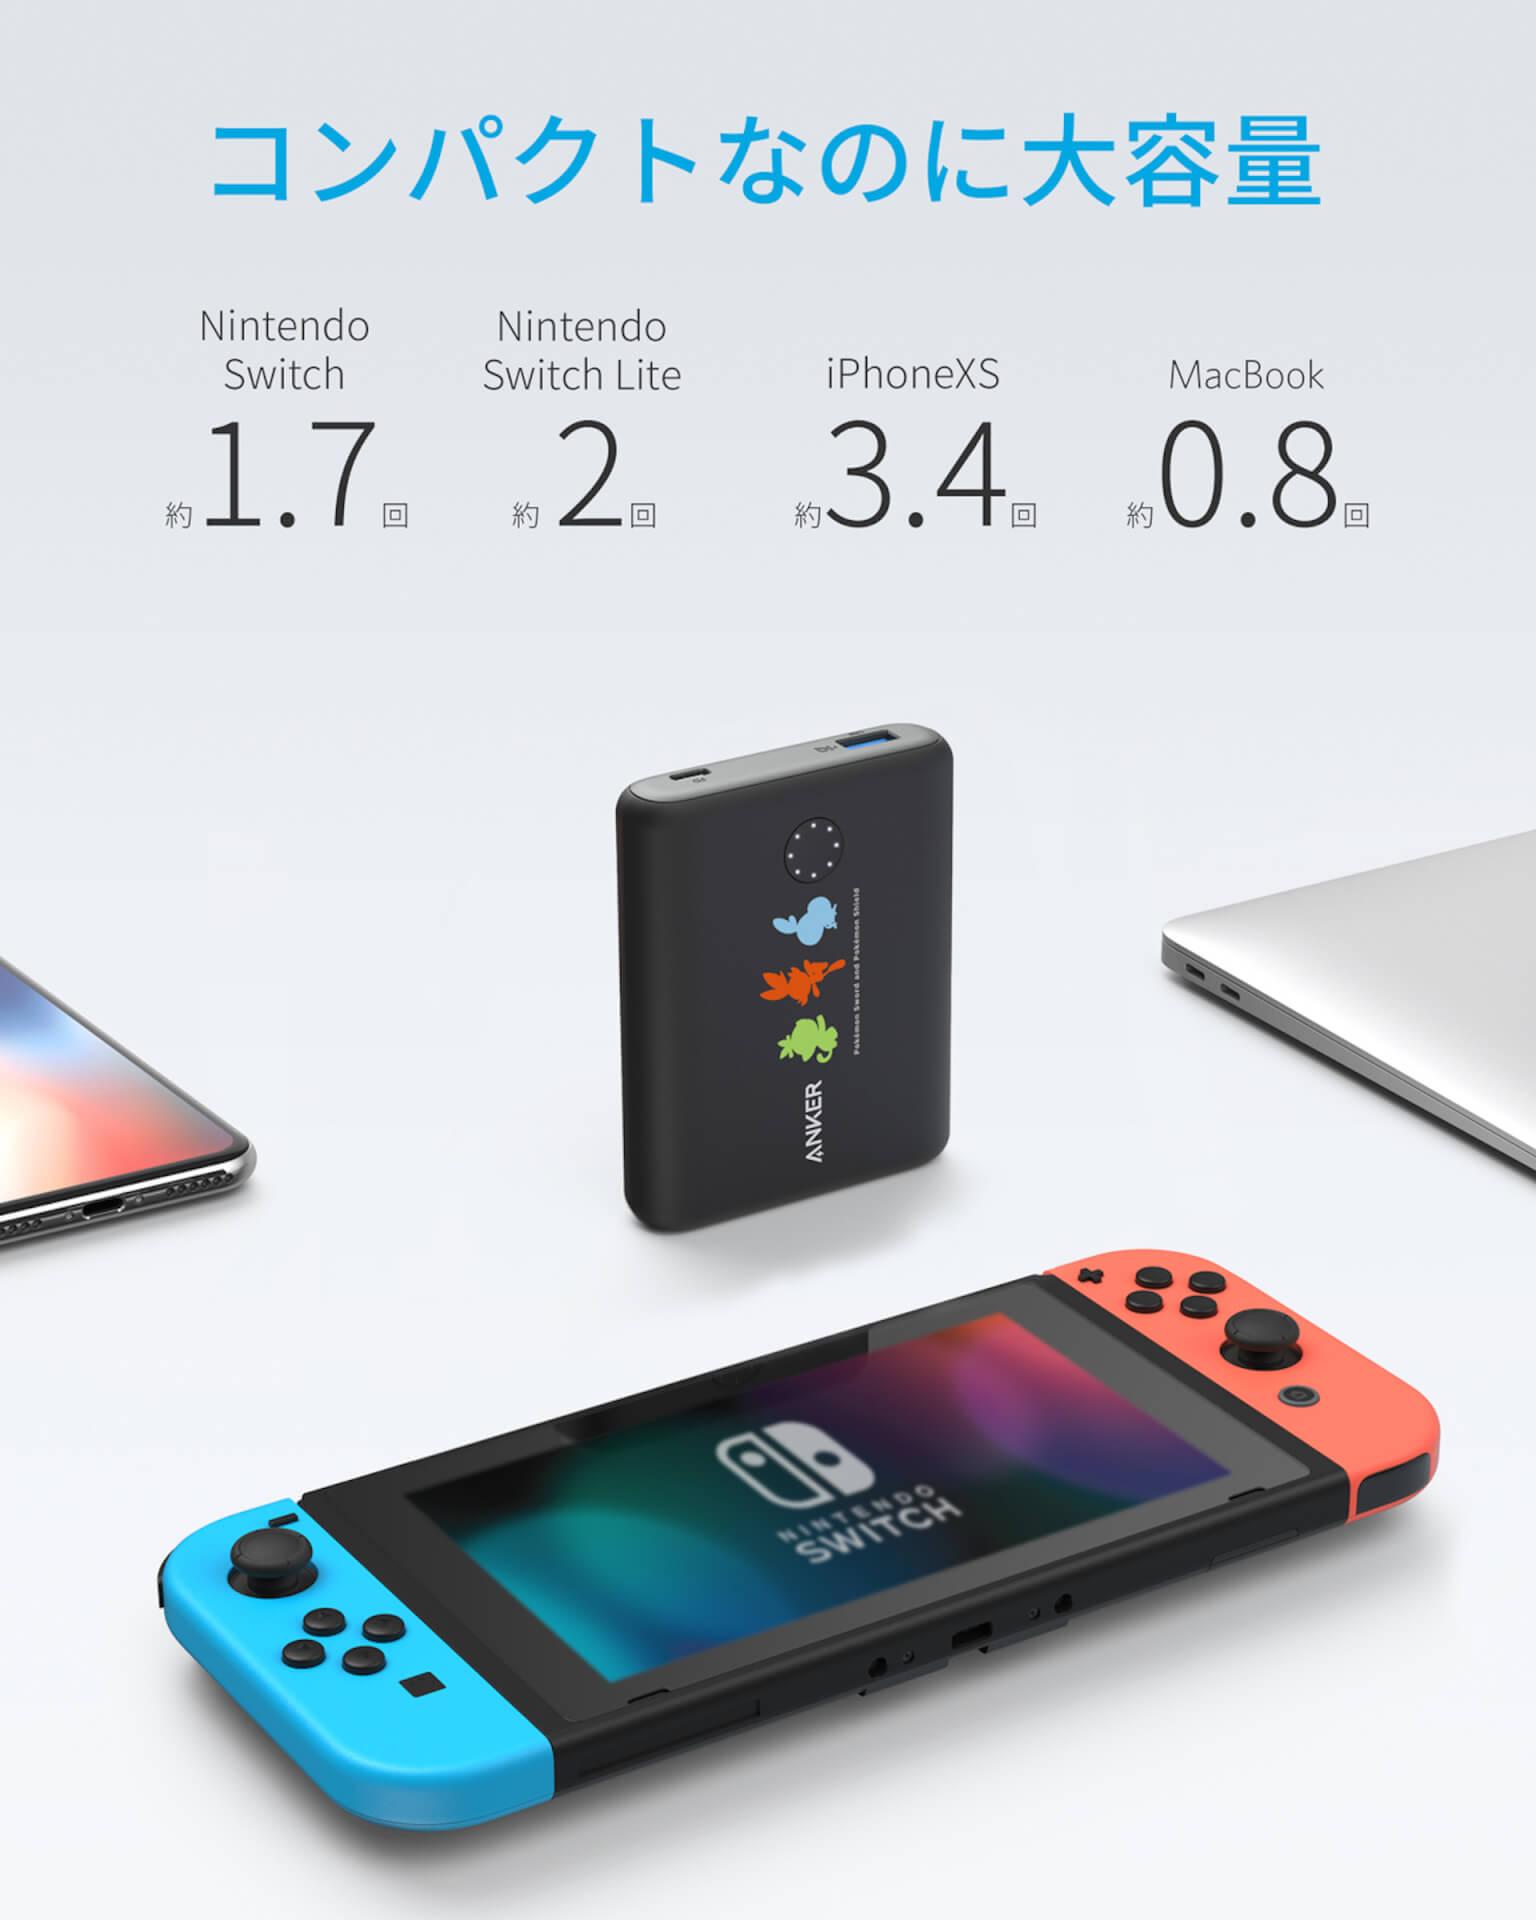 ポケモンがAnker充電器に!Nintendo Switch対応の大容量バッテリー「Anker PowerCore 13400 Pokémon Limited Edition」が登場 tech_191114_ankerxpokemon_5